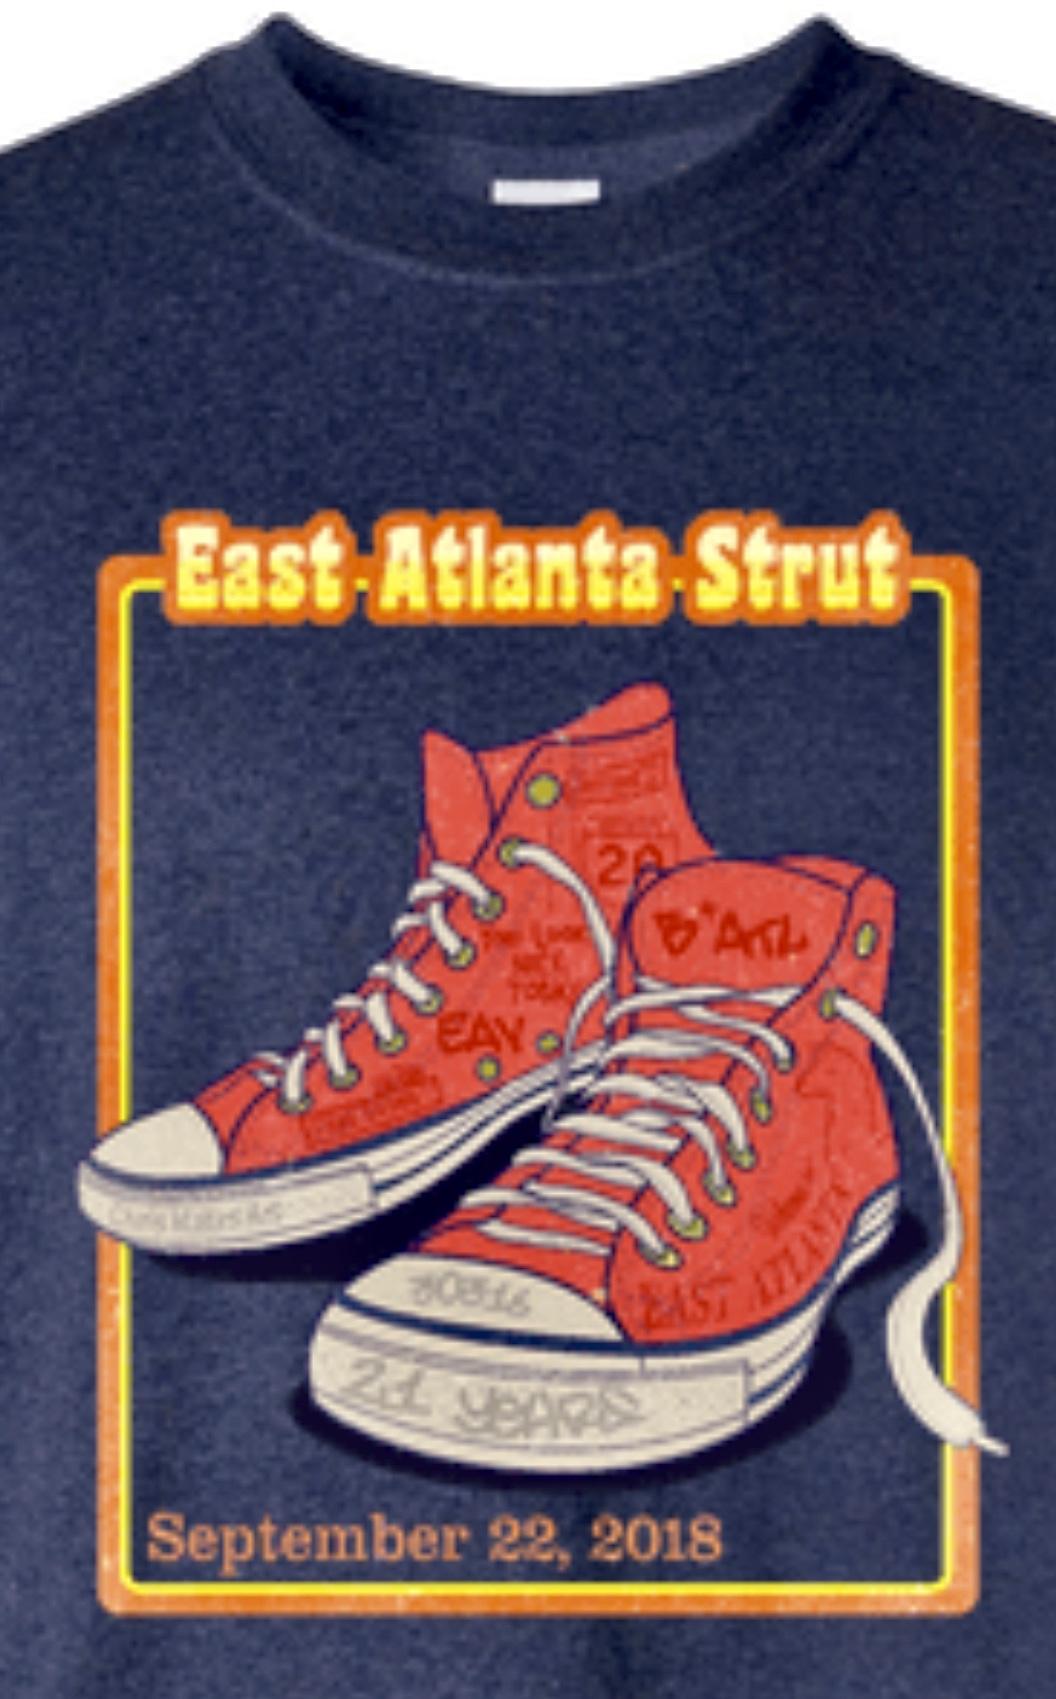 EastAtlStrut171819_27